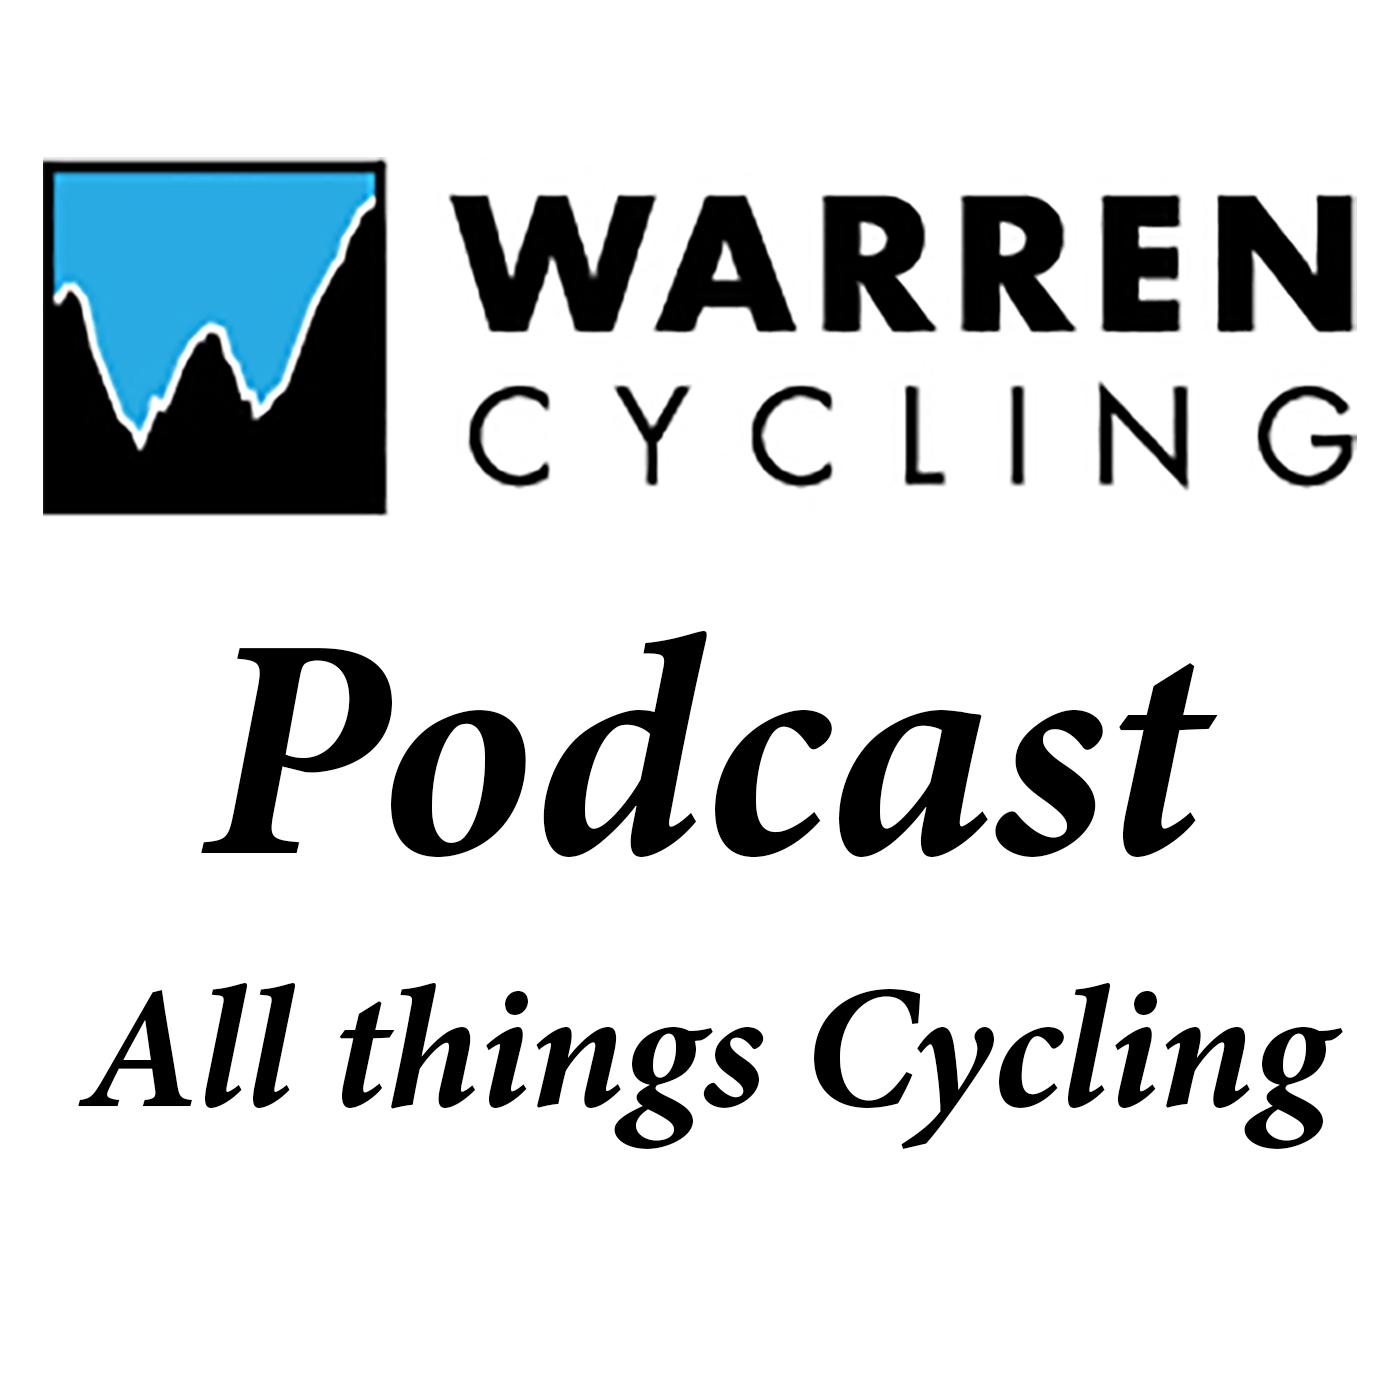 Warren Cycling Podcast Episode 169: Vive Le Tour show art